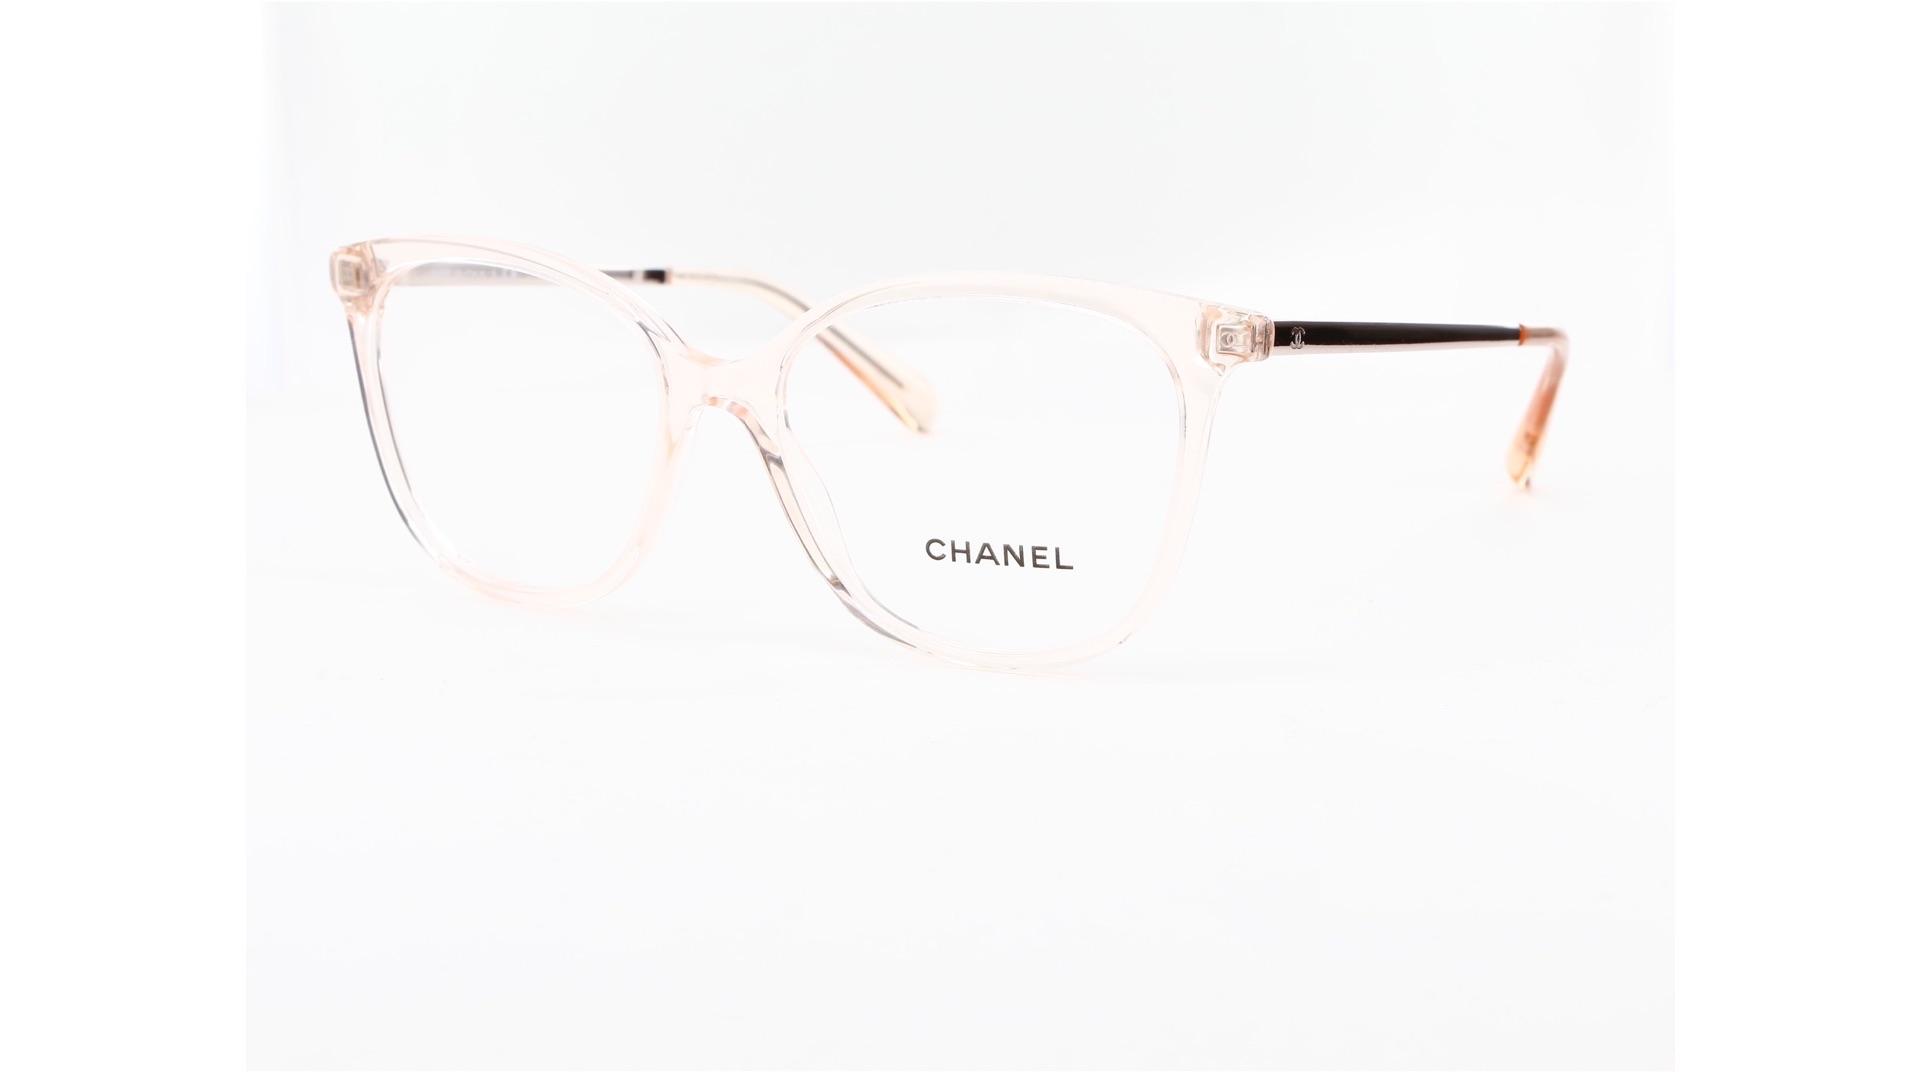 Chanel - ref: 80688